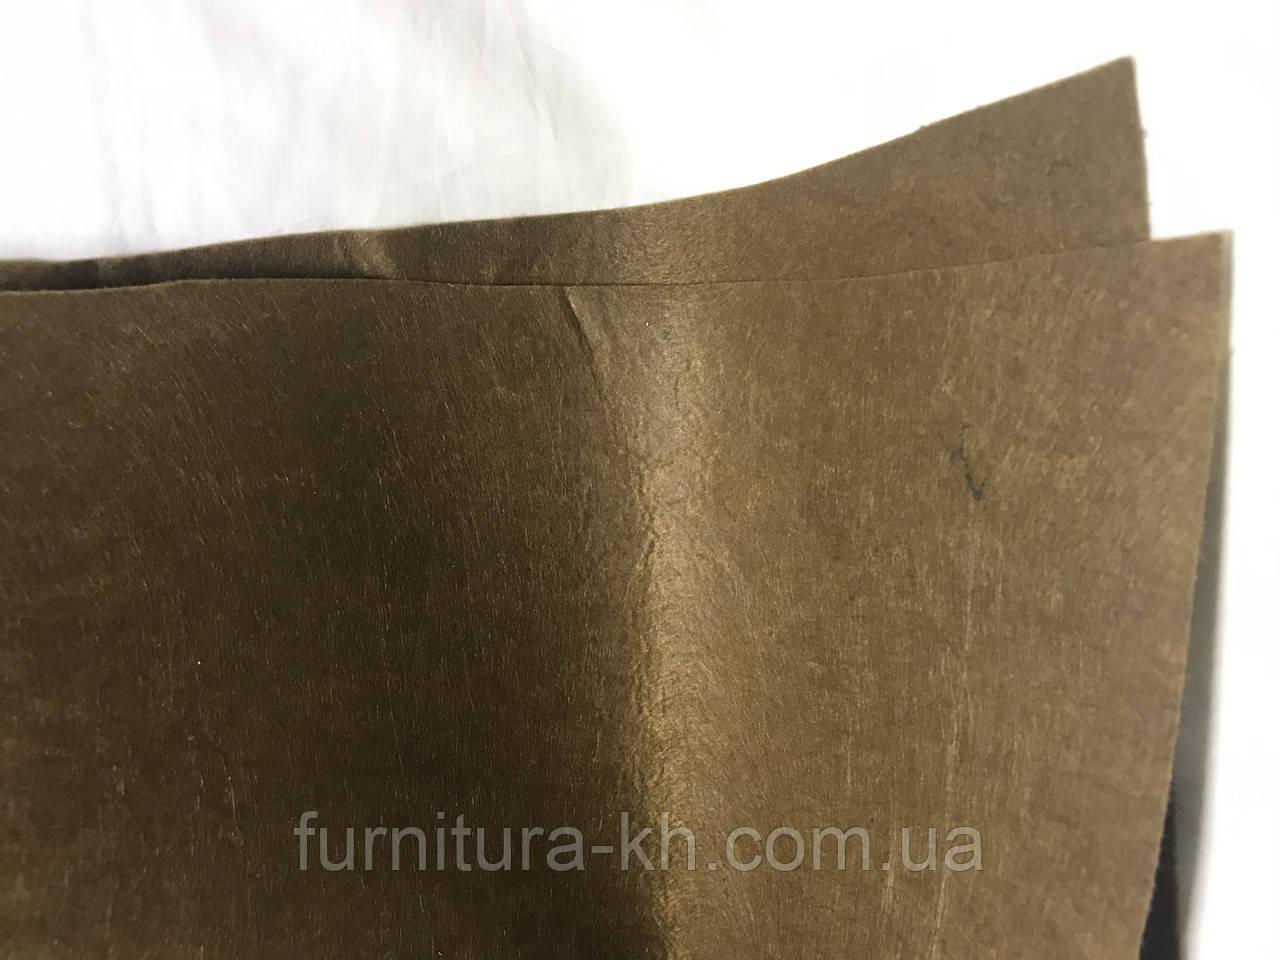 Фетр  коричневый, размер 50 Х 40 см, толщина 2 мм